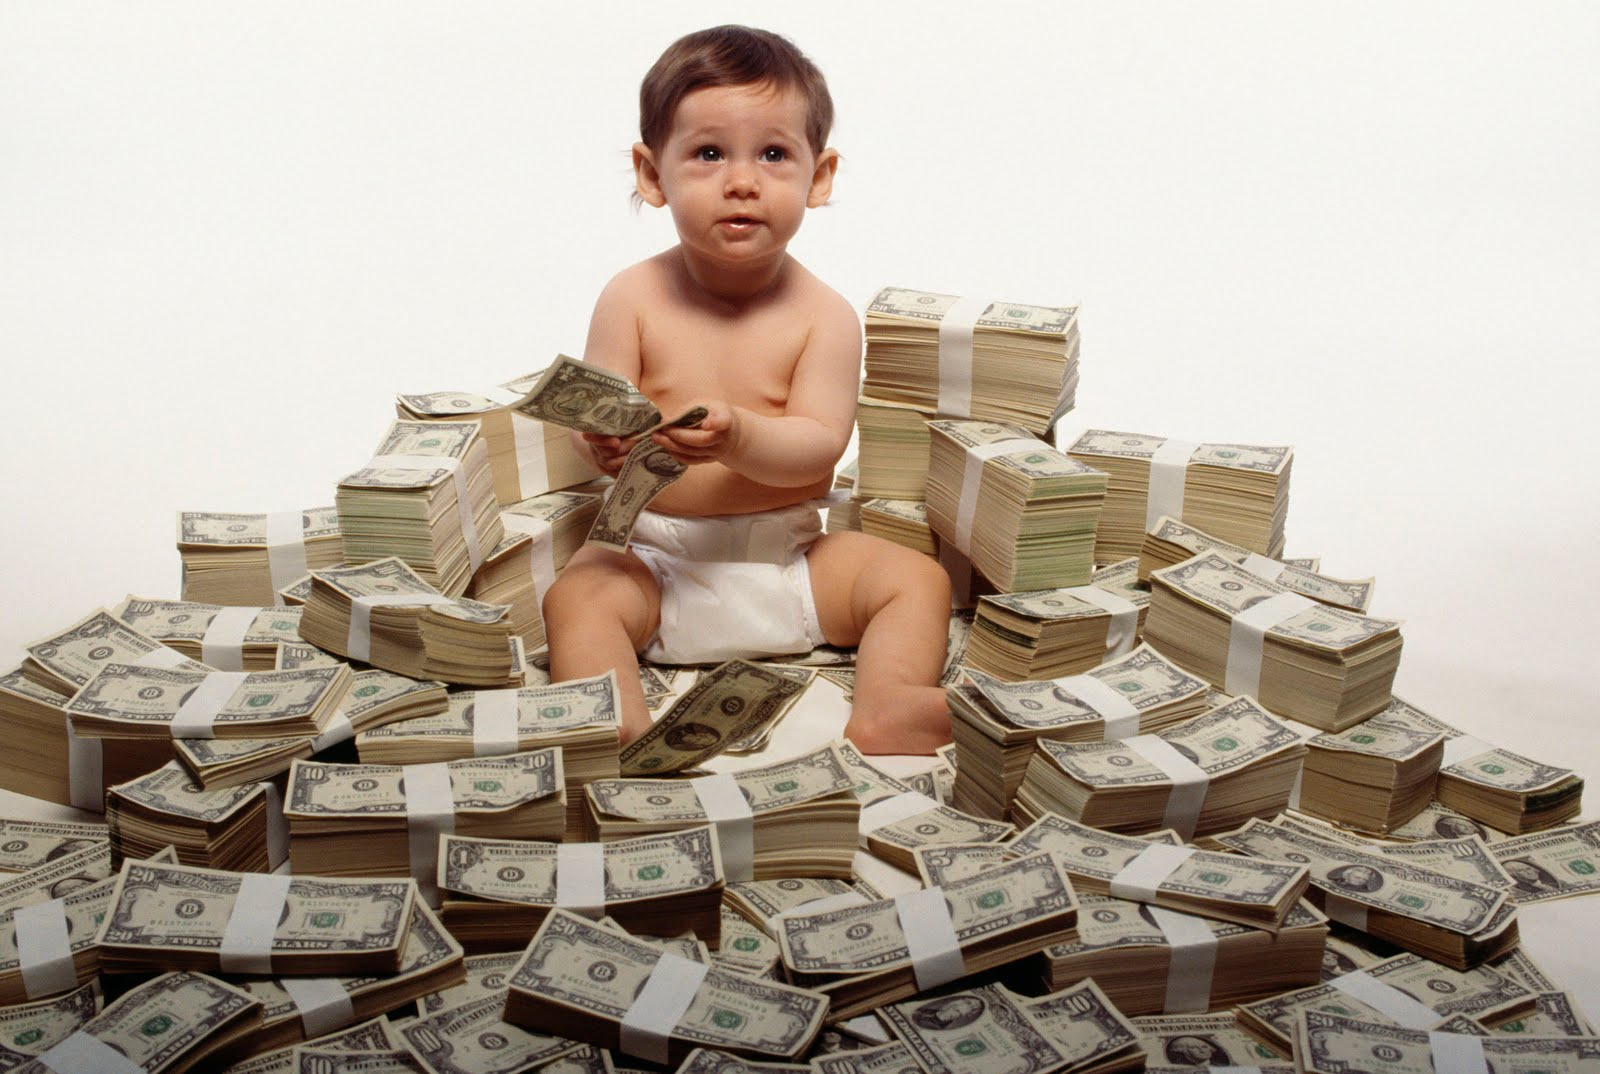 Чем короче имя у ребенка, тем больше он будет зарабатывать в будущем!